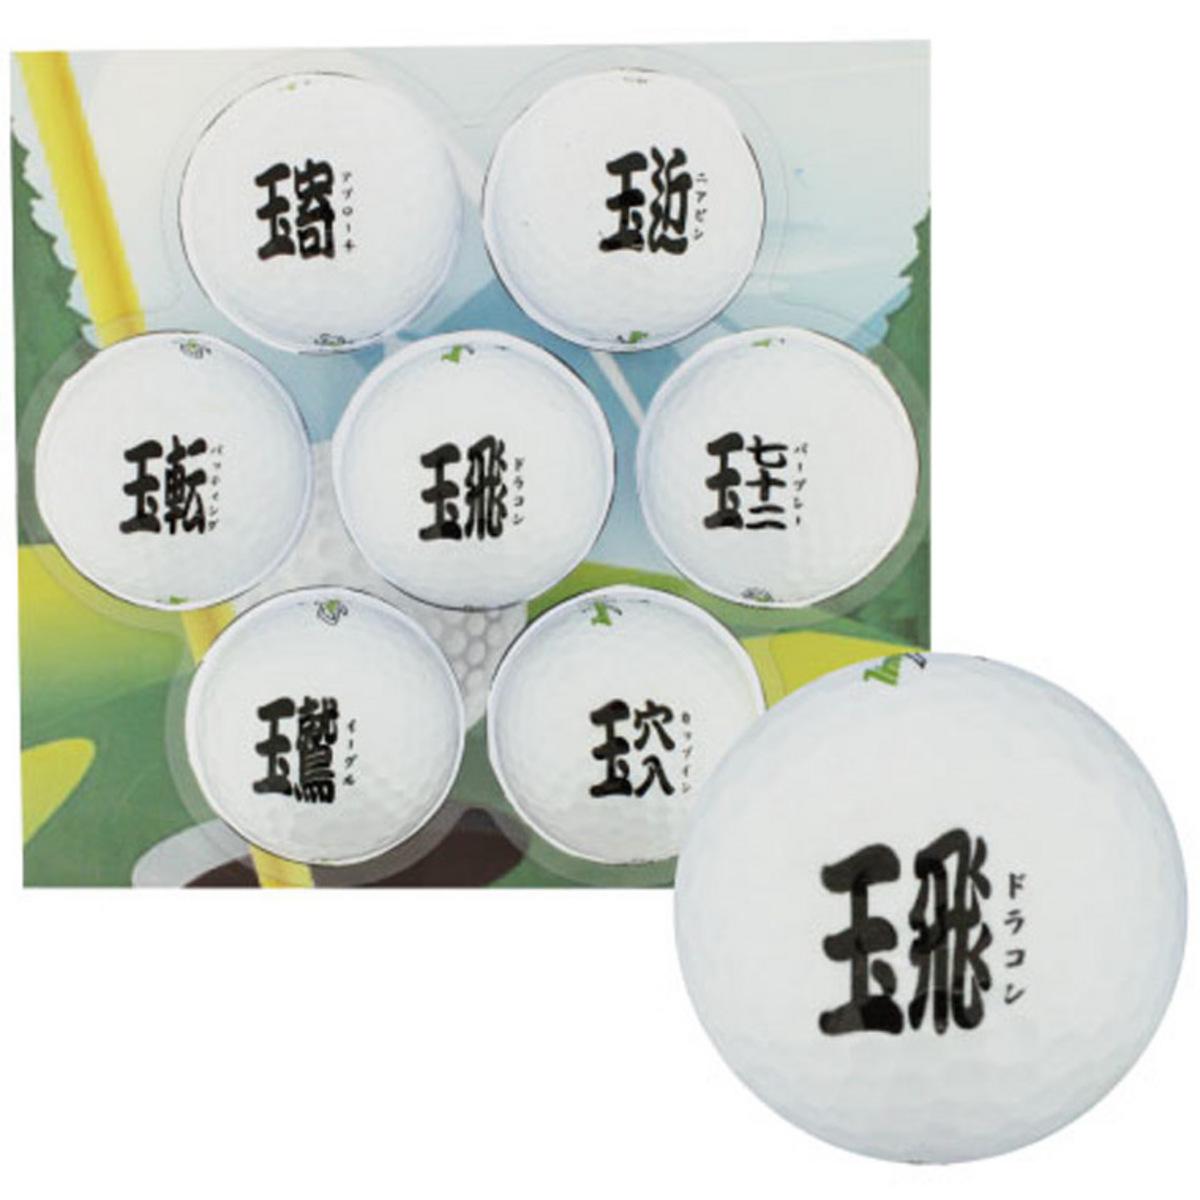 ホクシン交易 ゴルフ漢字 絶好調ゴルフボール7個セット